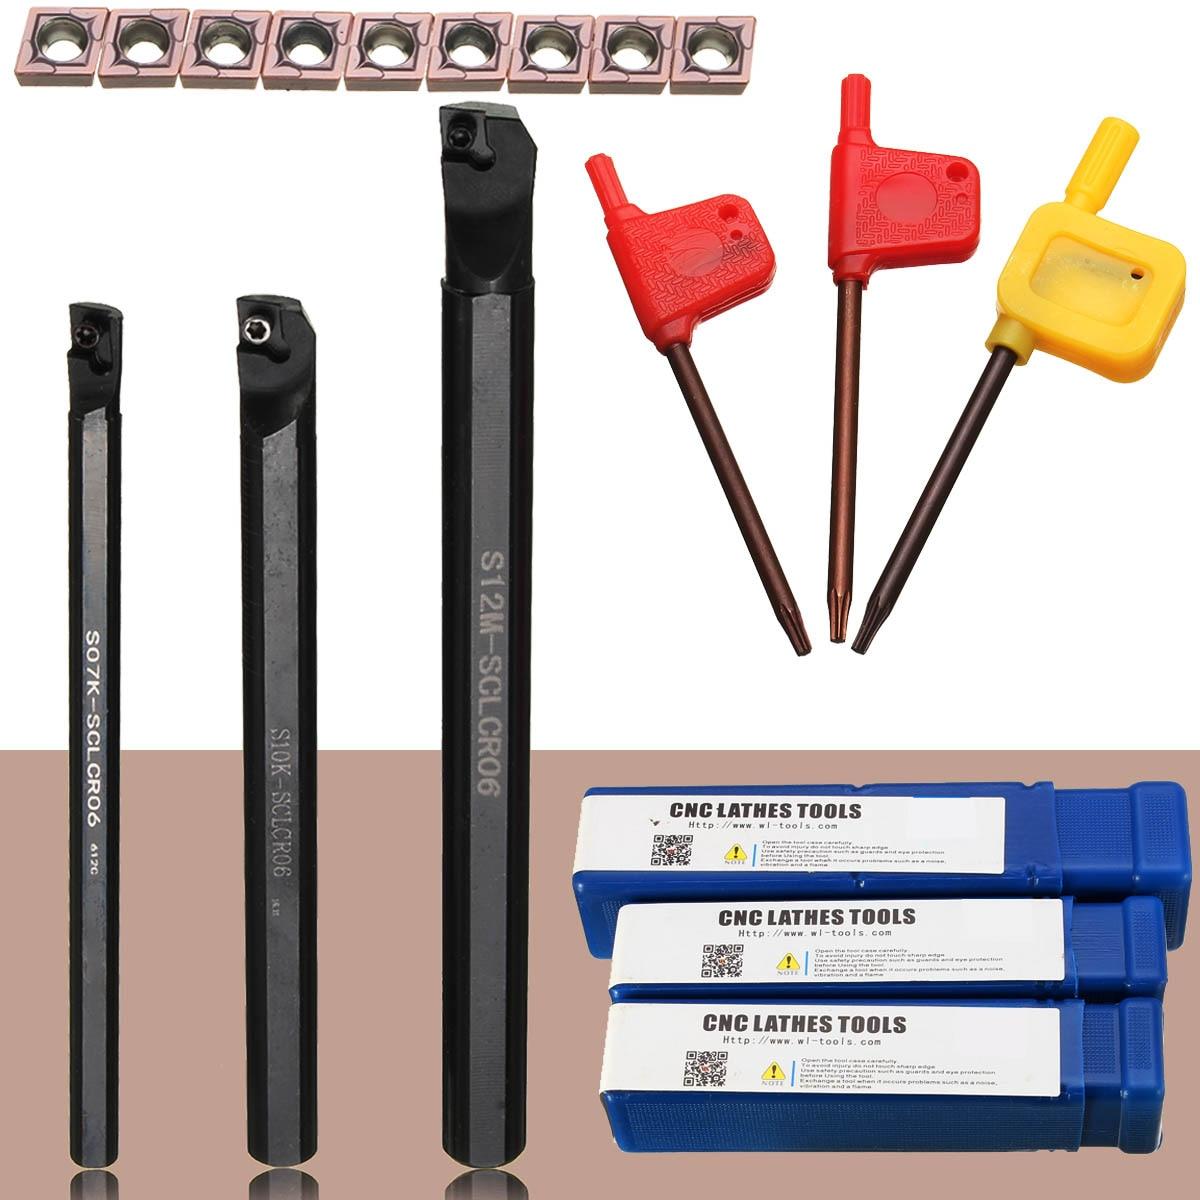 Left Hand Cutting Radius Boring Tool 2-1//2 Overall Length 0.058 Projection 0.005 Tool Radius 5//16 Shank Diameter Micro 100 0.230 Minimum Bore Diameter,1.600 Maximum Bore Depth BBL-2301600 Solid Carbide Tool